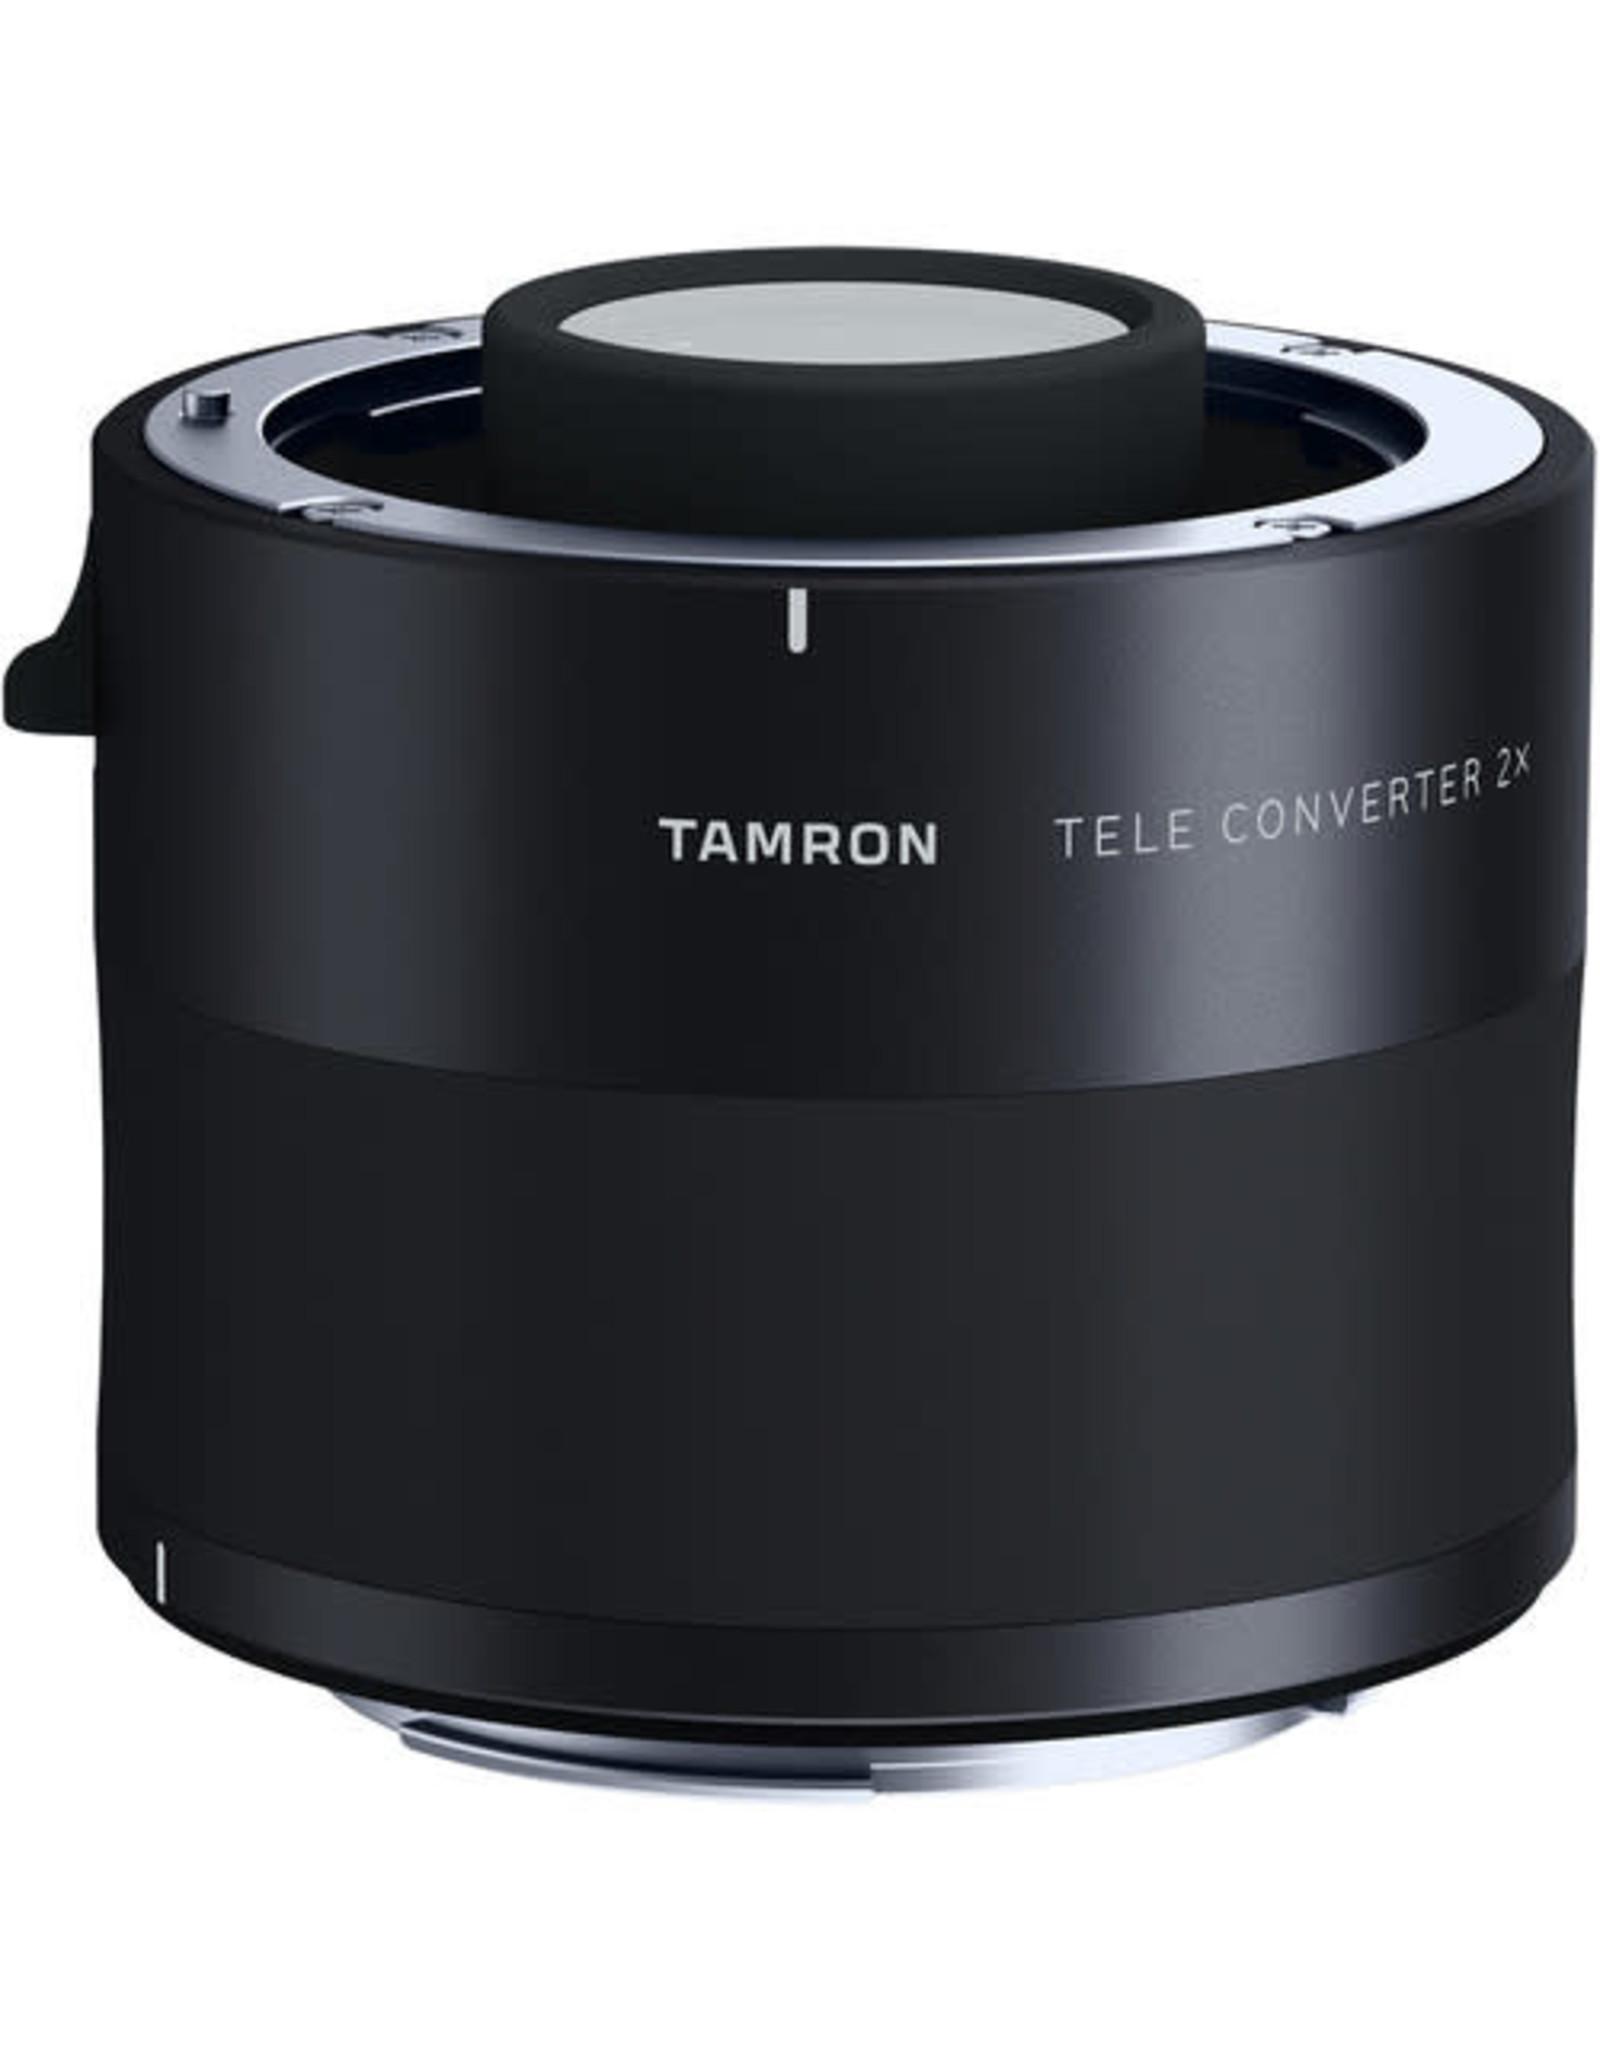 Tamron Tamron Teleconverter 2x for 70-200 f2.8 & 150-600 G2